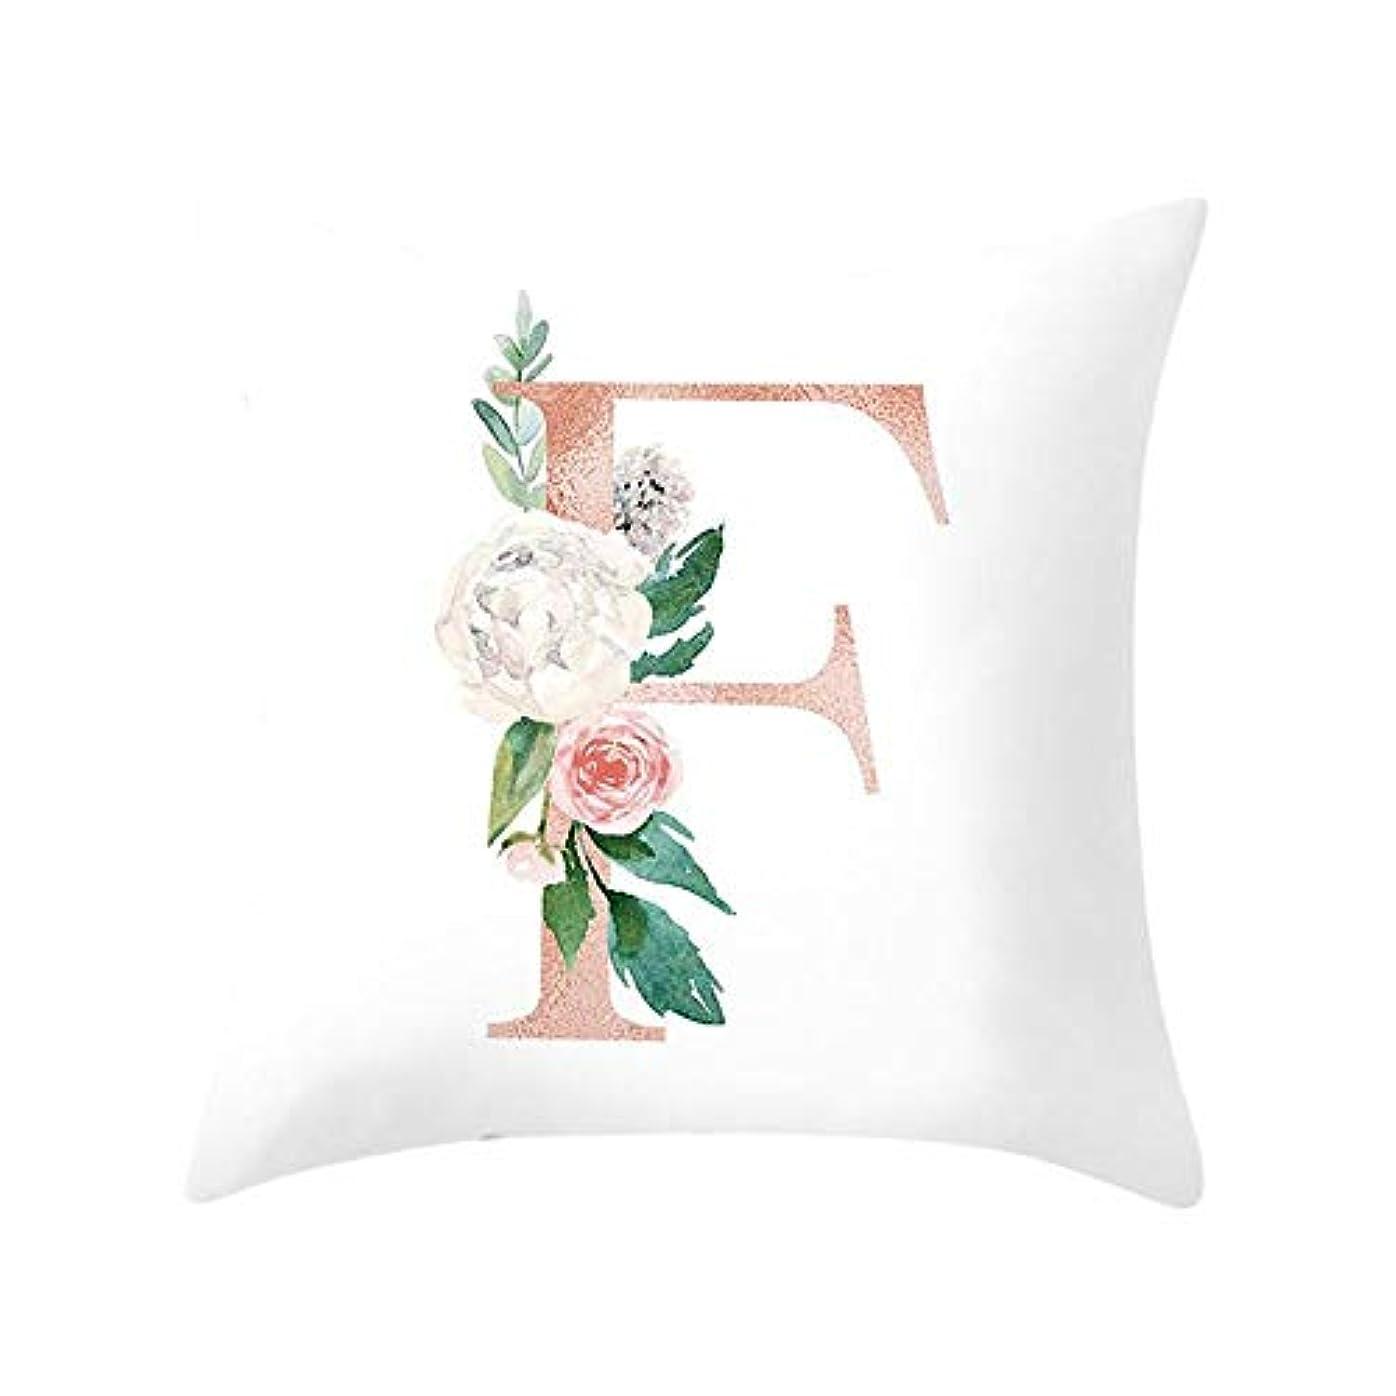 続ける歴史かなりのLIFE 装飾クッションソファ手紙枕アルファベットクッション印刷ソファ家の装飾の花枕 coussin decoratif クッション 椅子